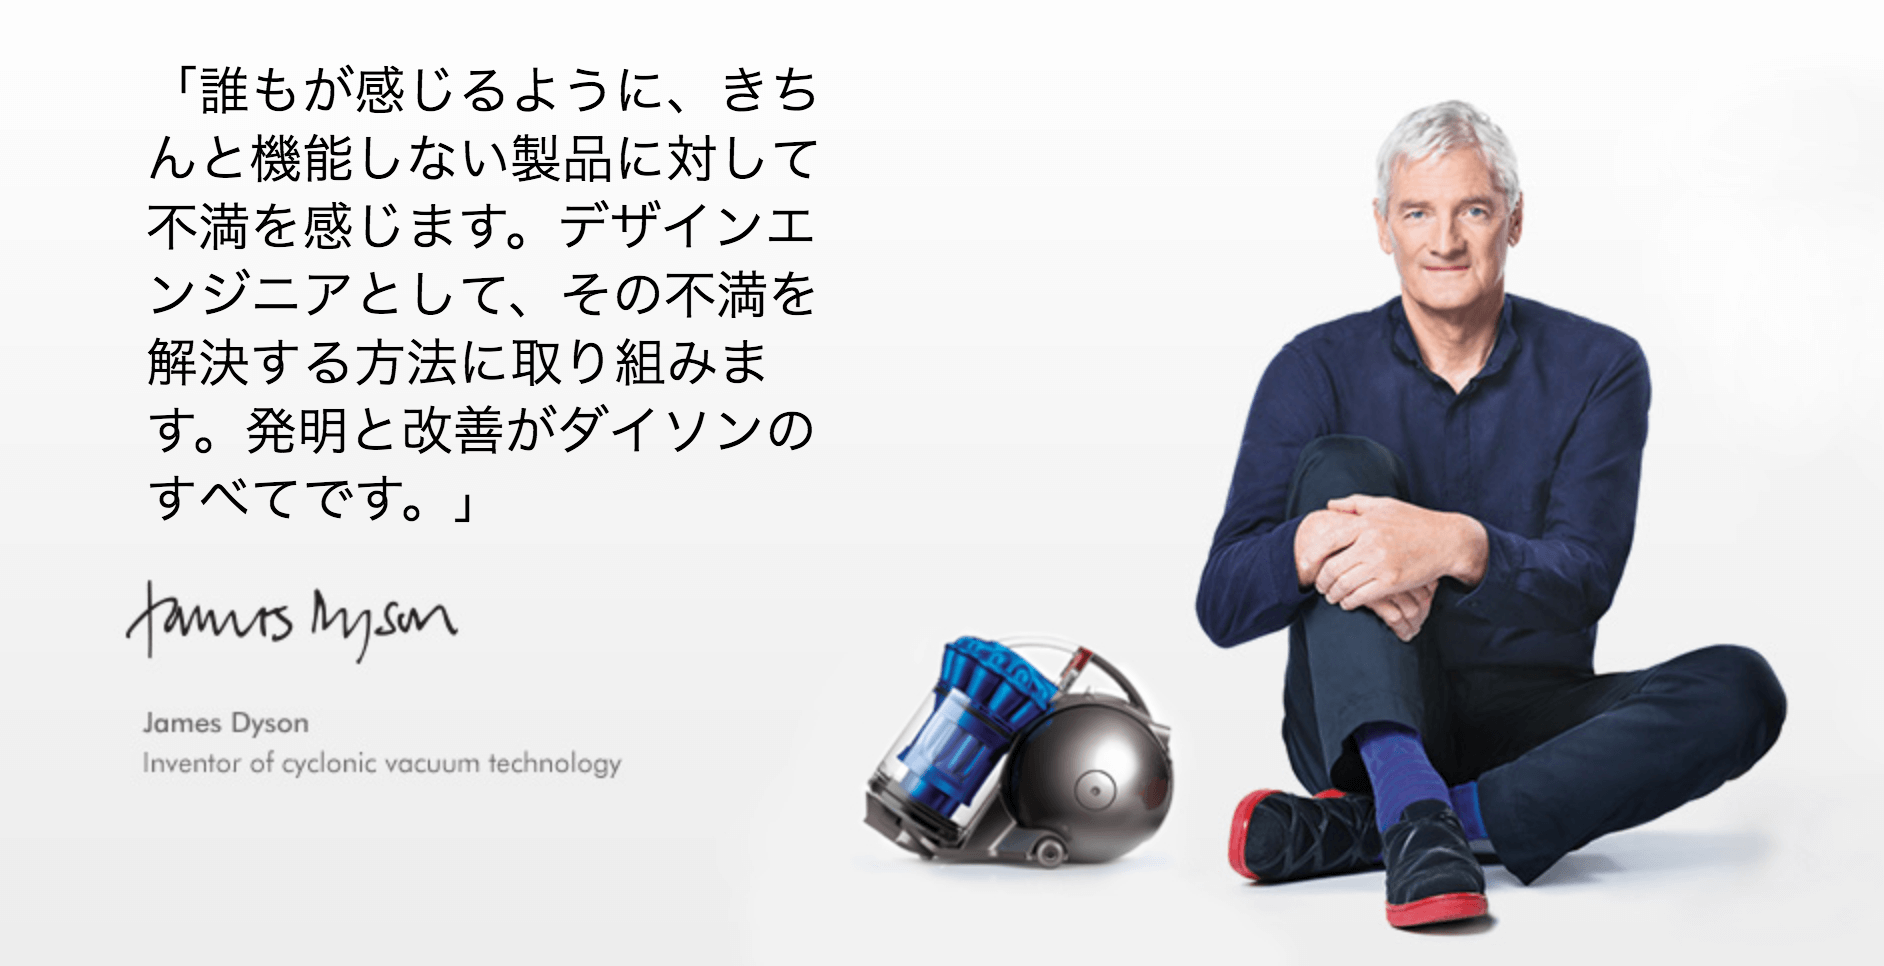 インターネットビジネスでスマートな暮らしをしたい人におすすめの革新的なダイソン製品